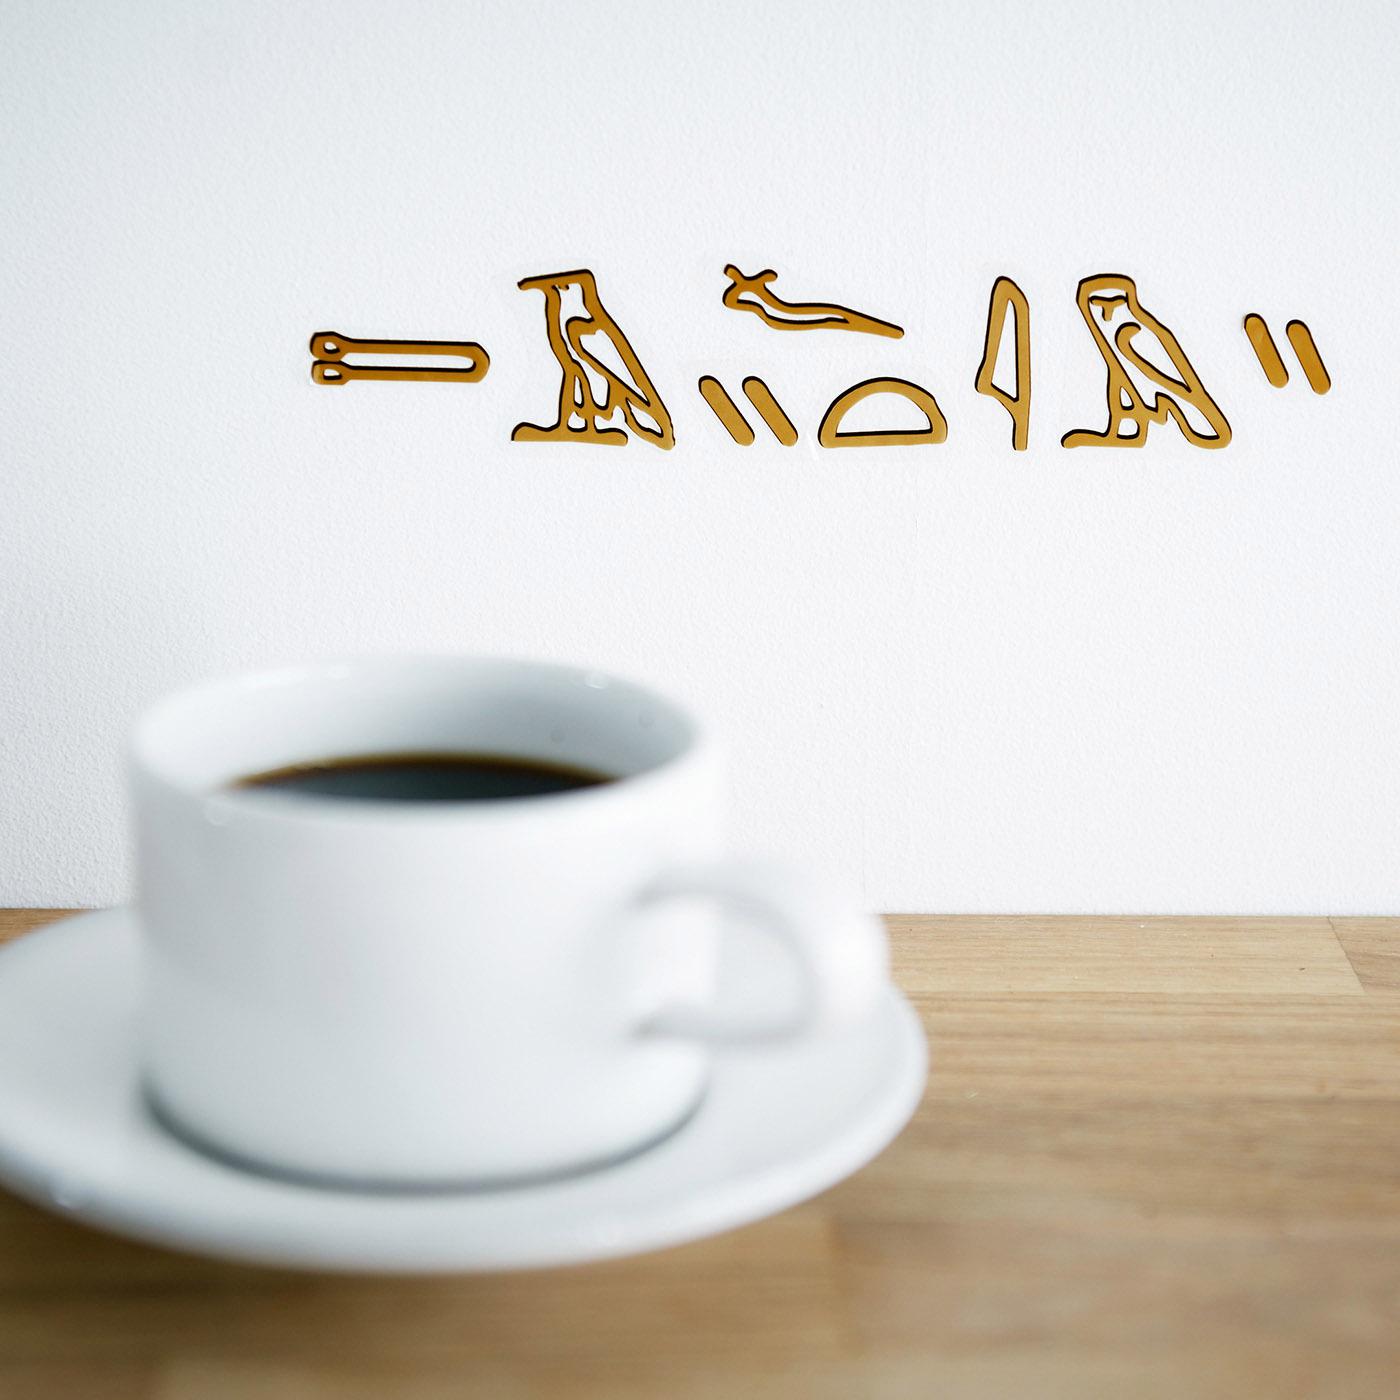 訳:CAFE TIME アルファベットのように組み合わせて使えるヒエログリフシールで好きな単語を作ろう。